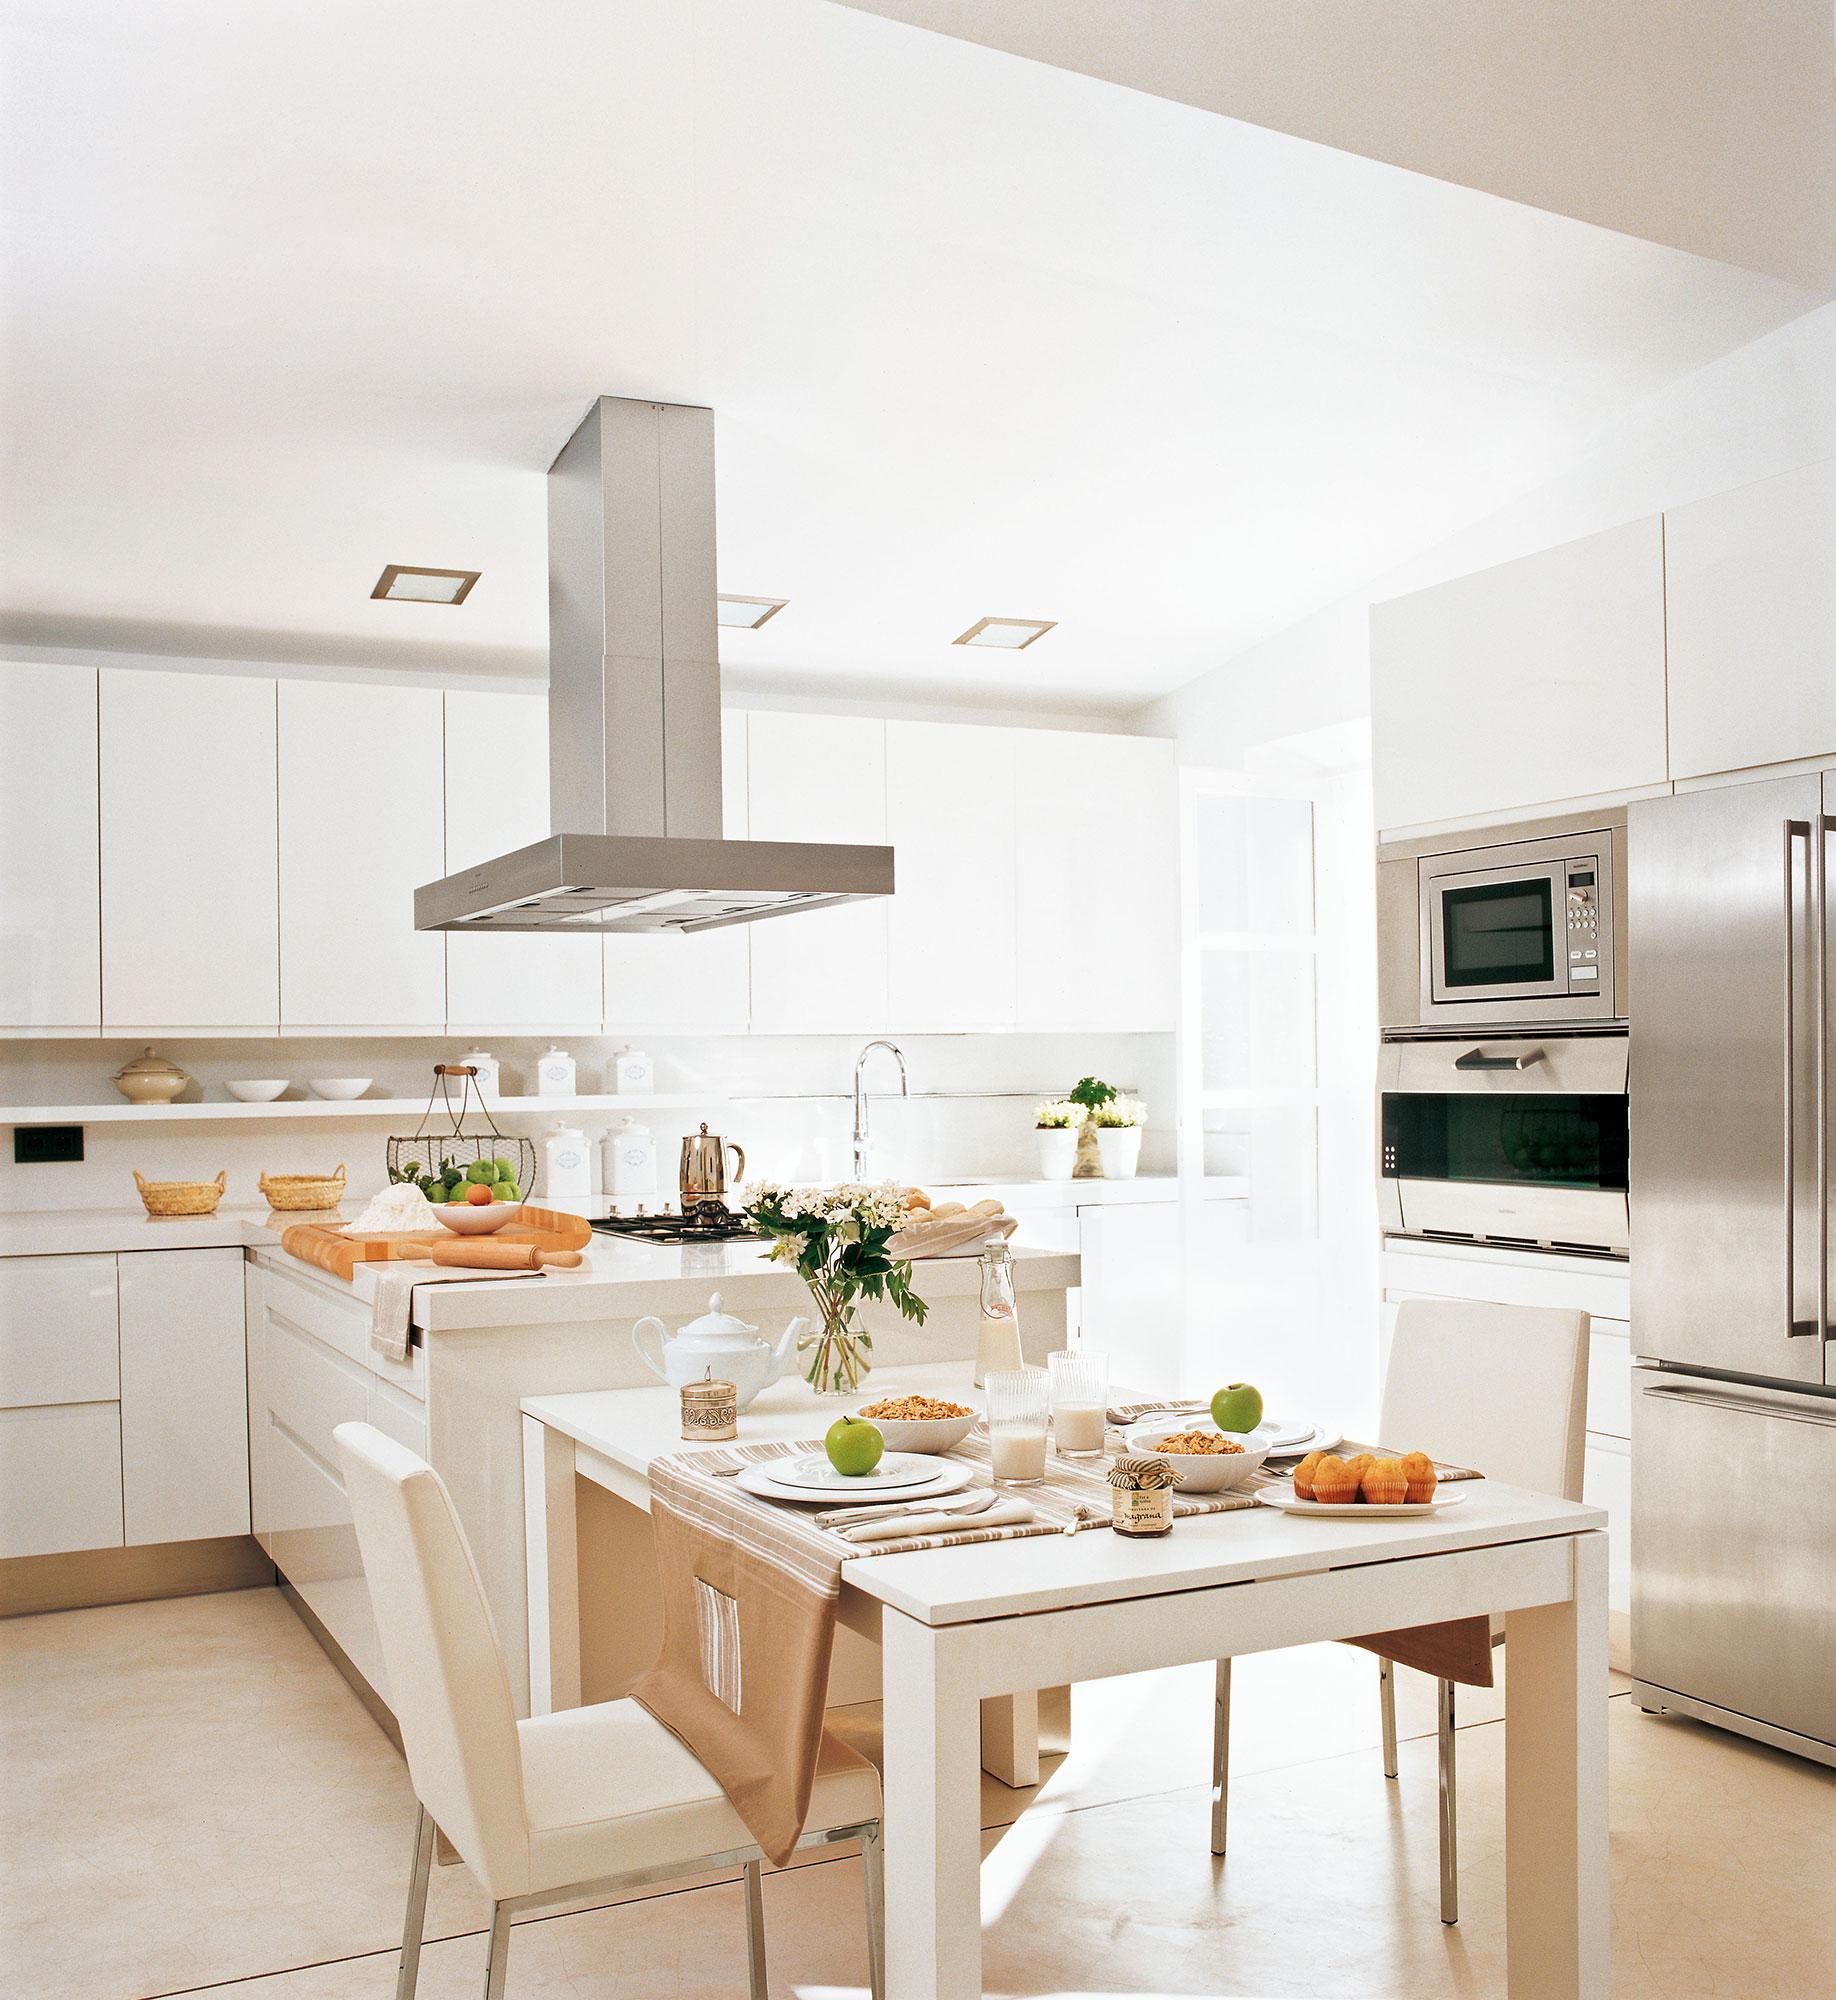 10 ideas infalibles para multiplicar la luz en la cocina for Cocina con azulejos blancos